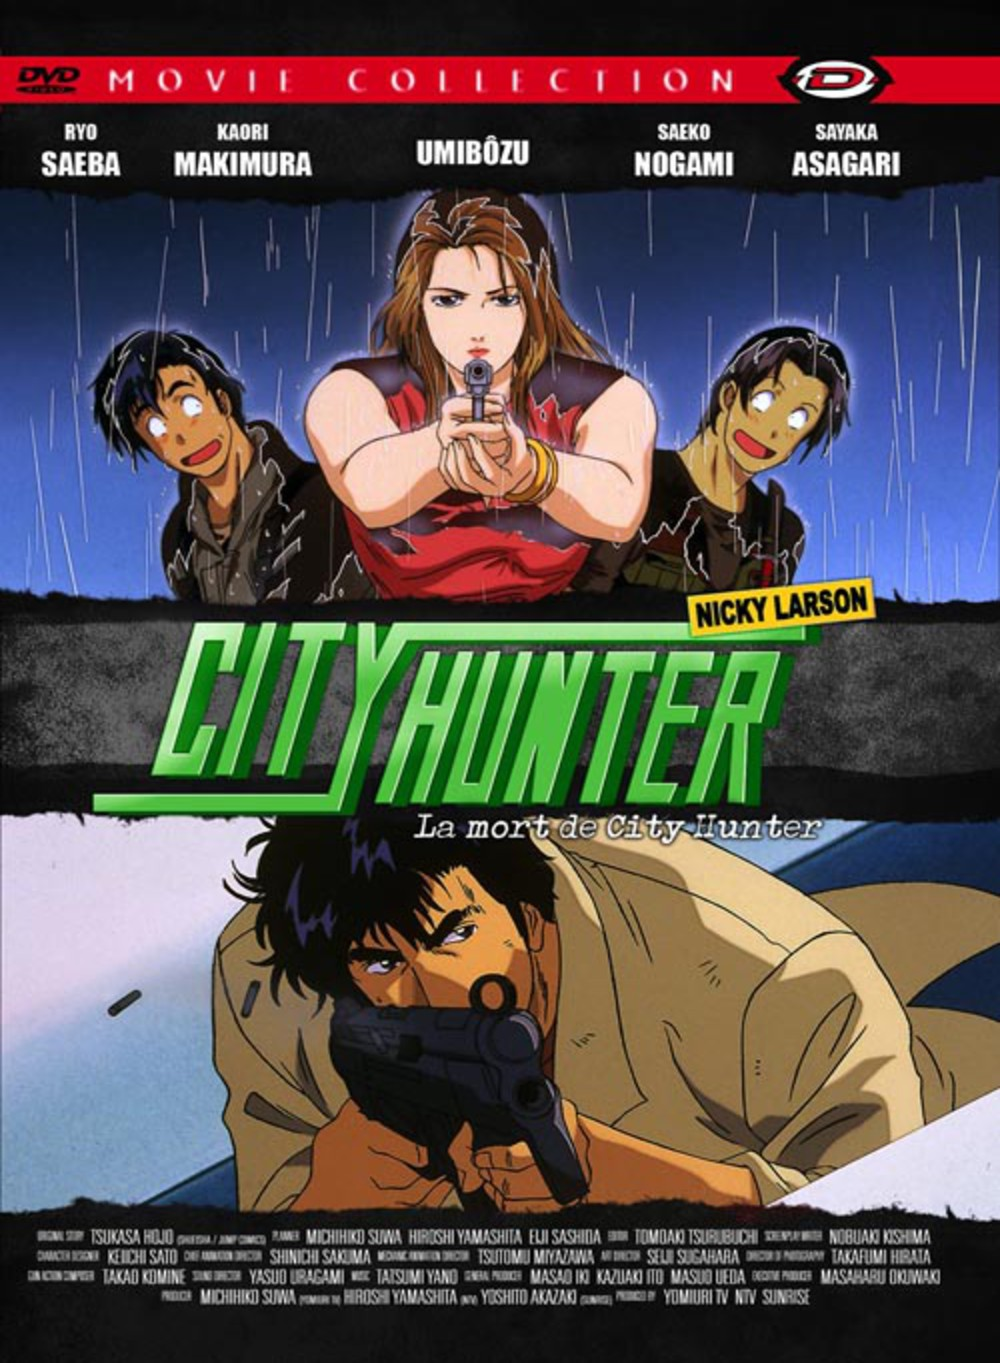 City Hunter Special Kinkyu Namachukei Kyoakuhan Saeba Ryo No